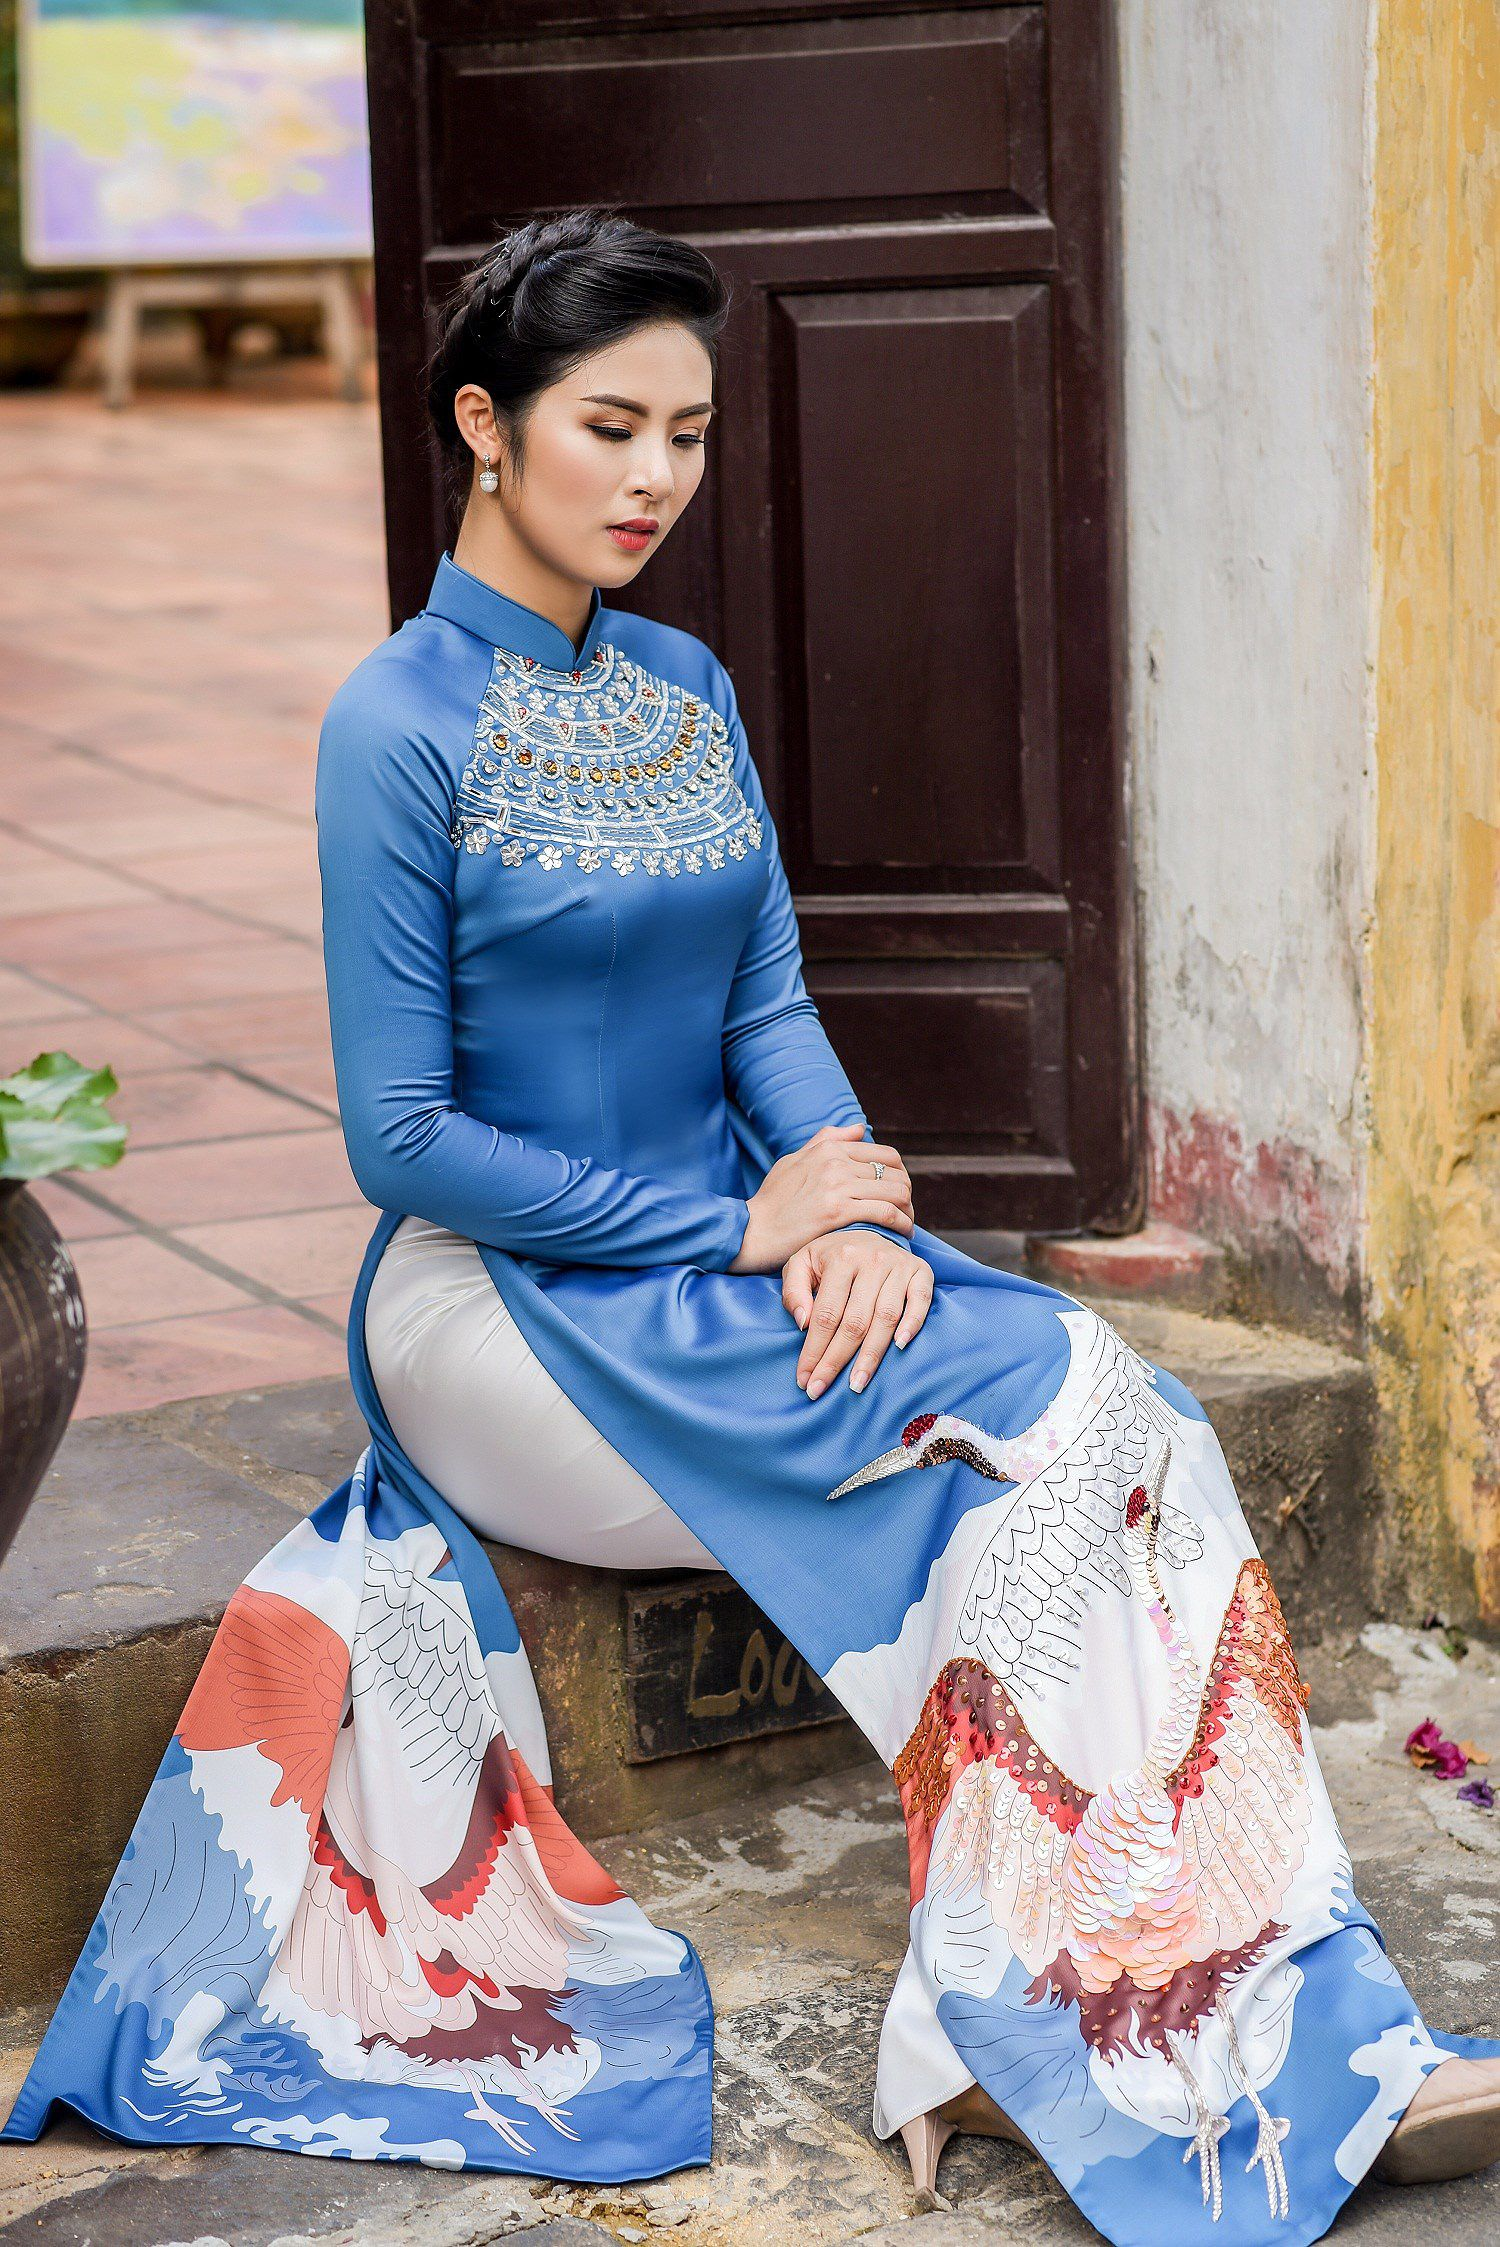 Hoa hậu Ngọc Hân thiết kế áo dài lấy cảm hứng từ cuộc đời Đức Phật Thích Ca Ảnh 3